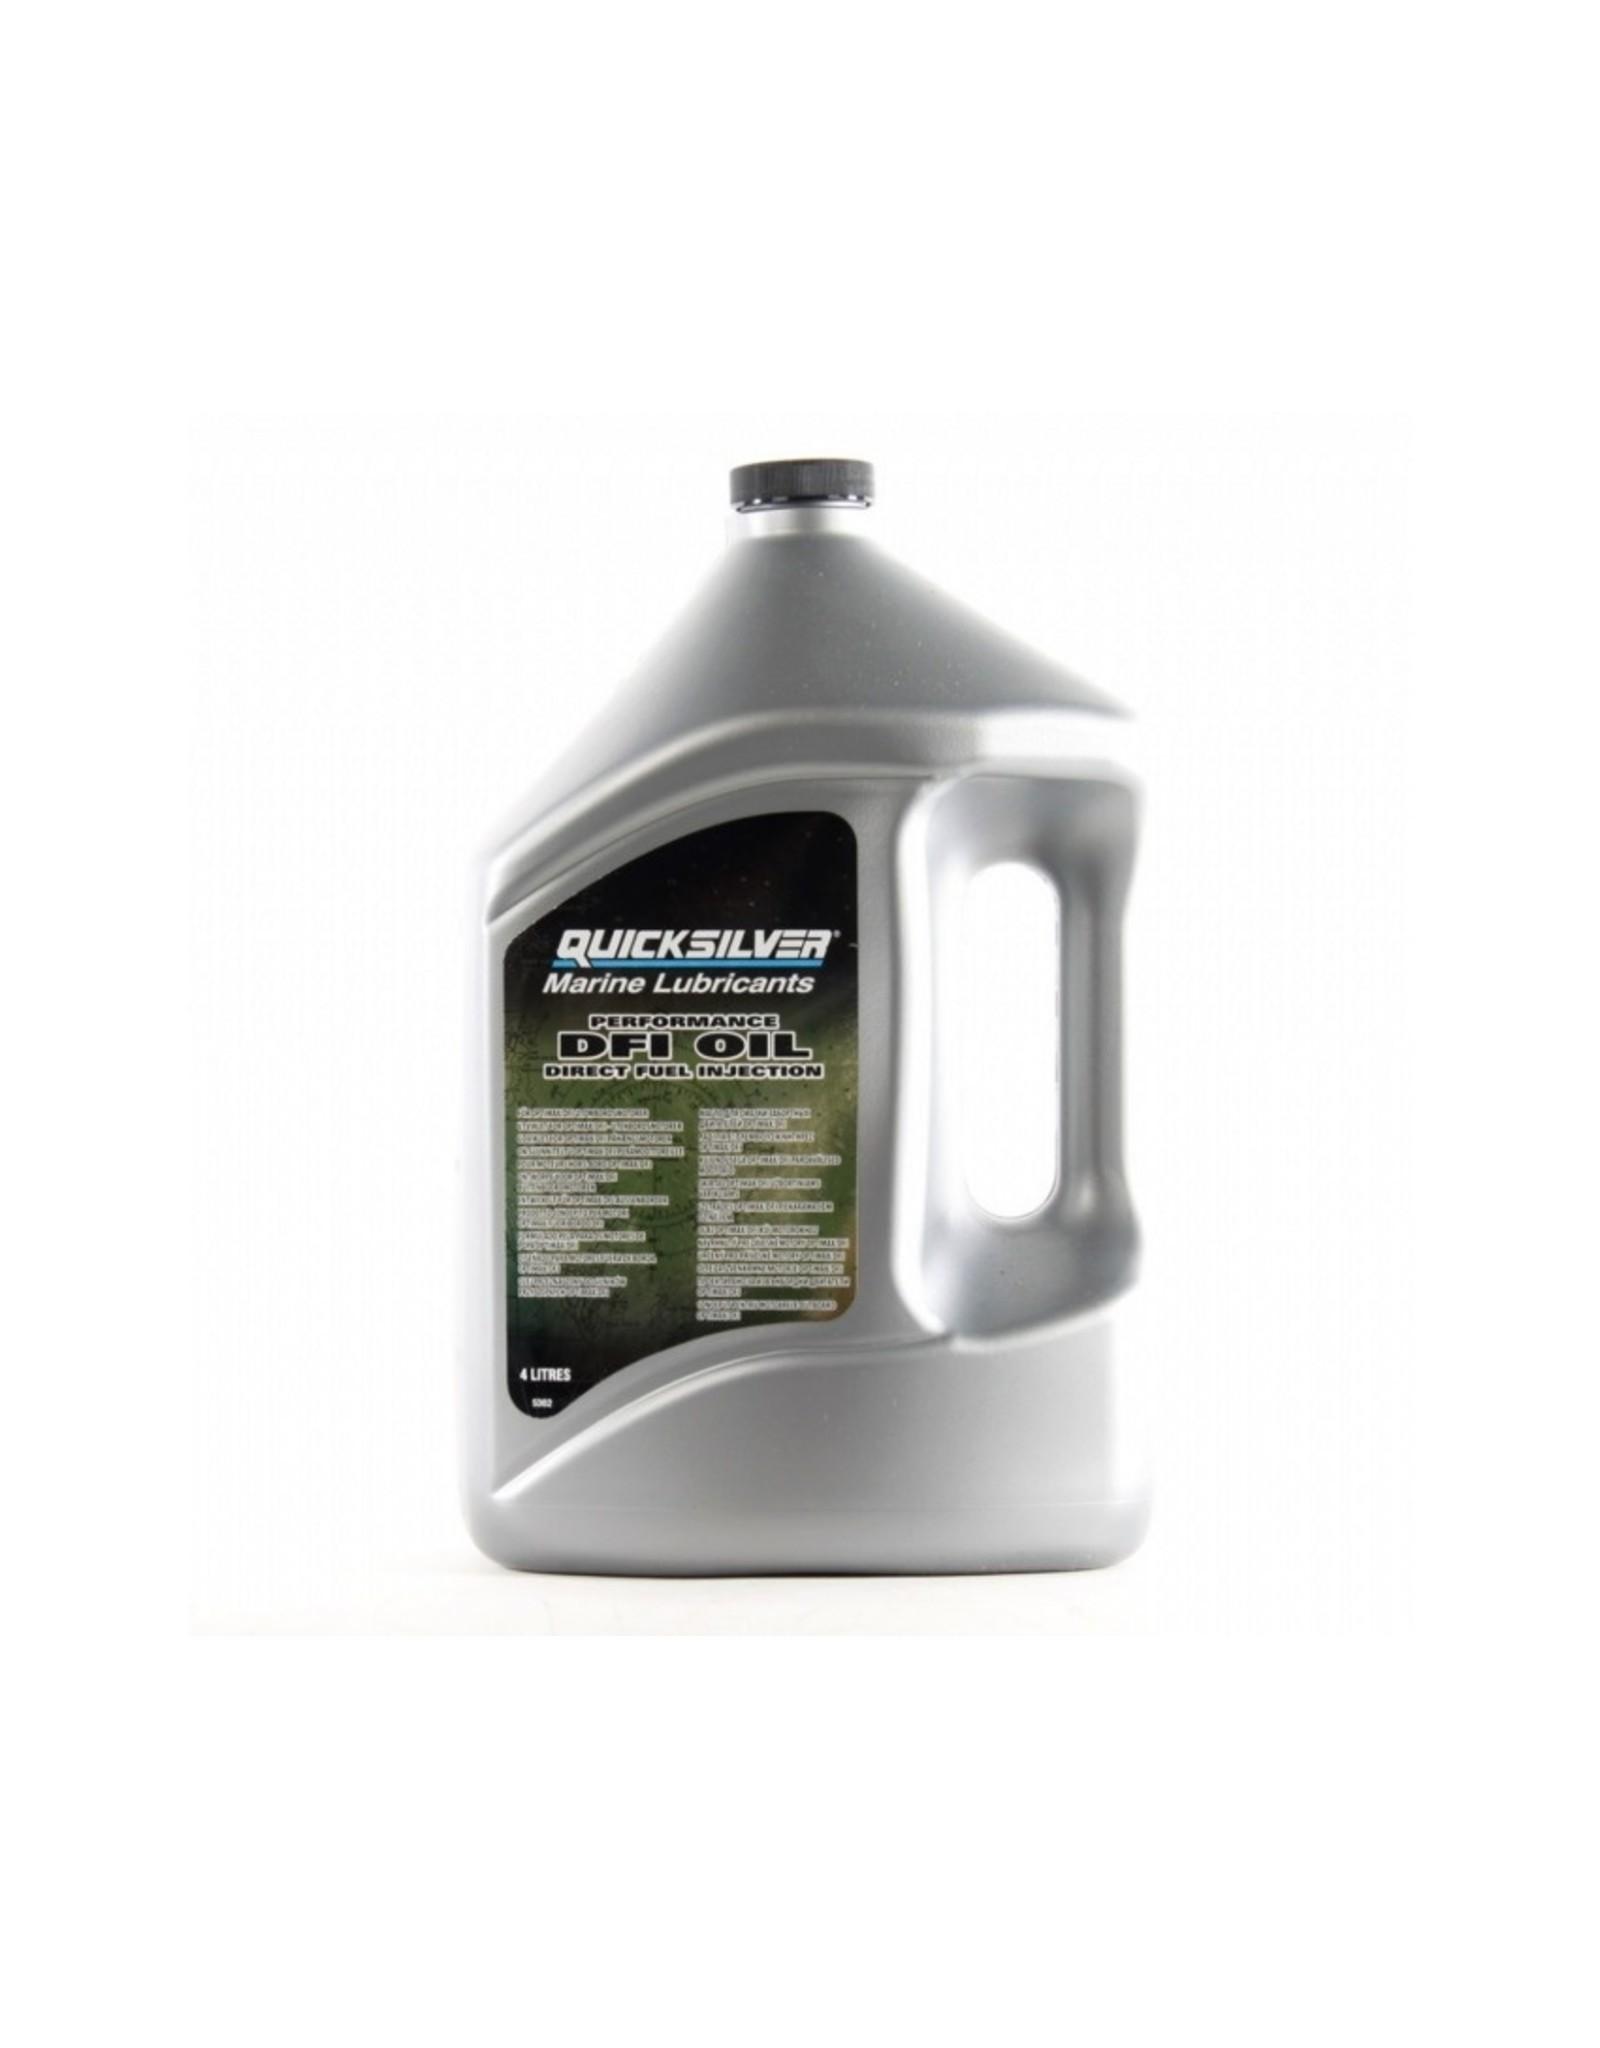 Quicksilver Mercury / Quicksilver DFI / Optimax olie.